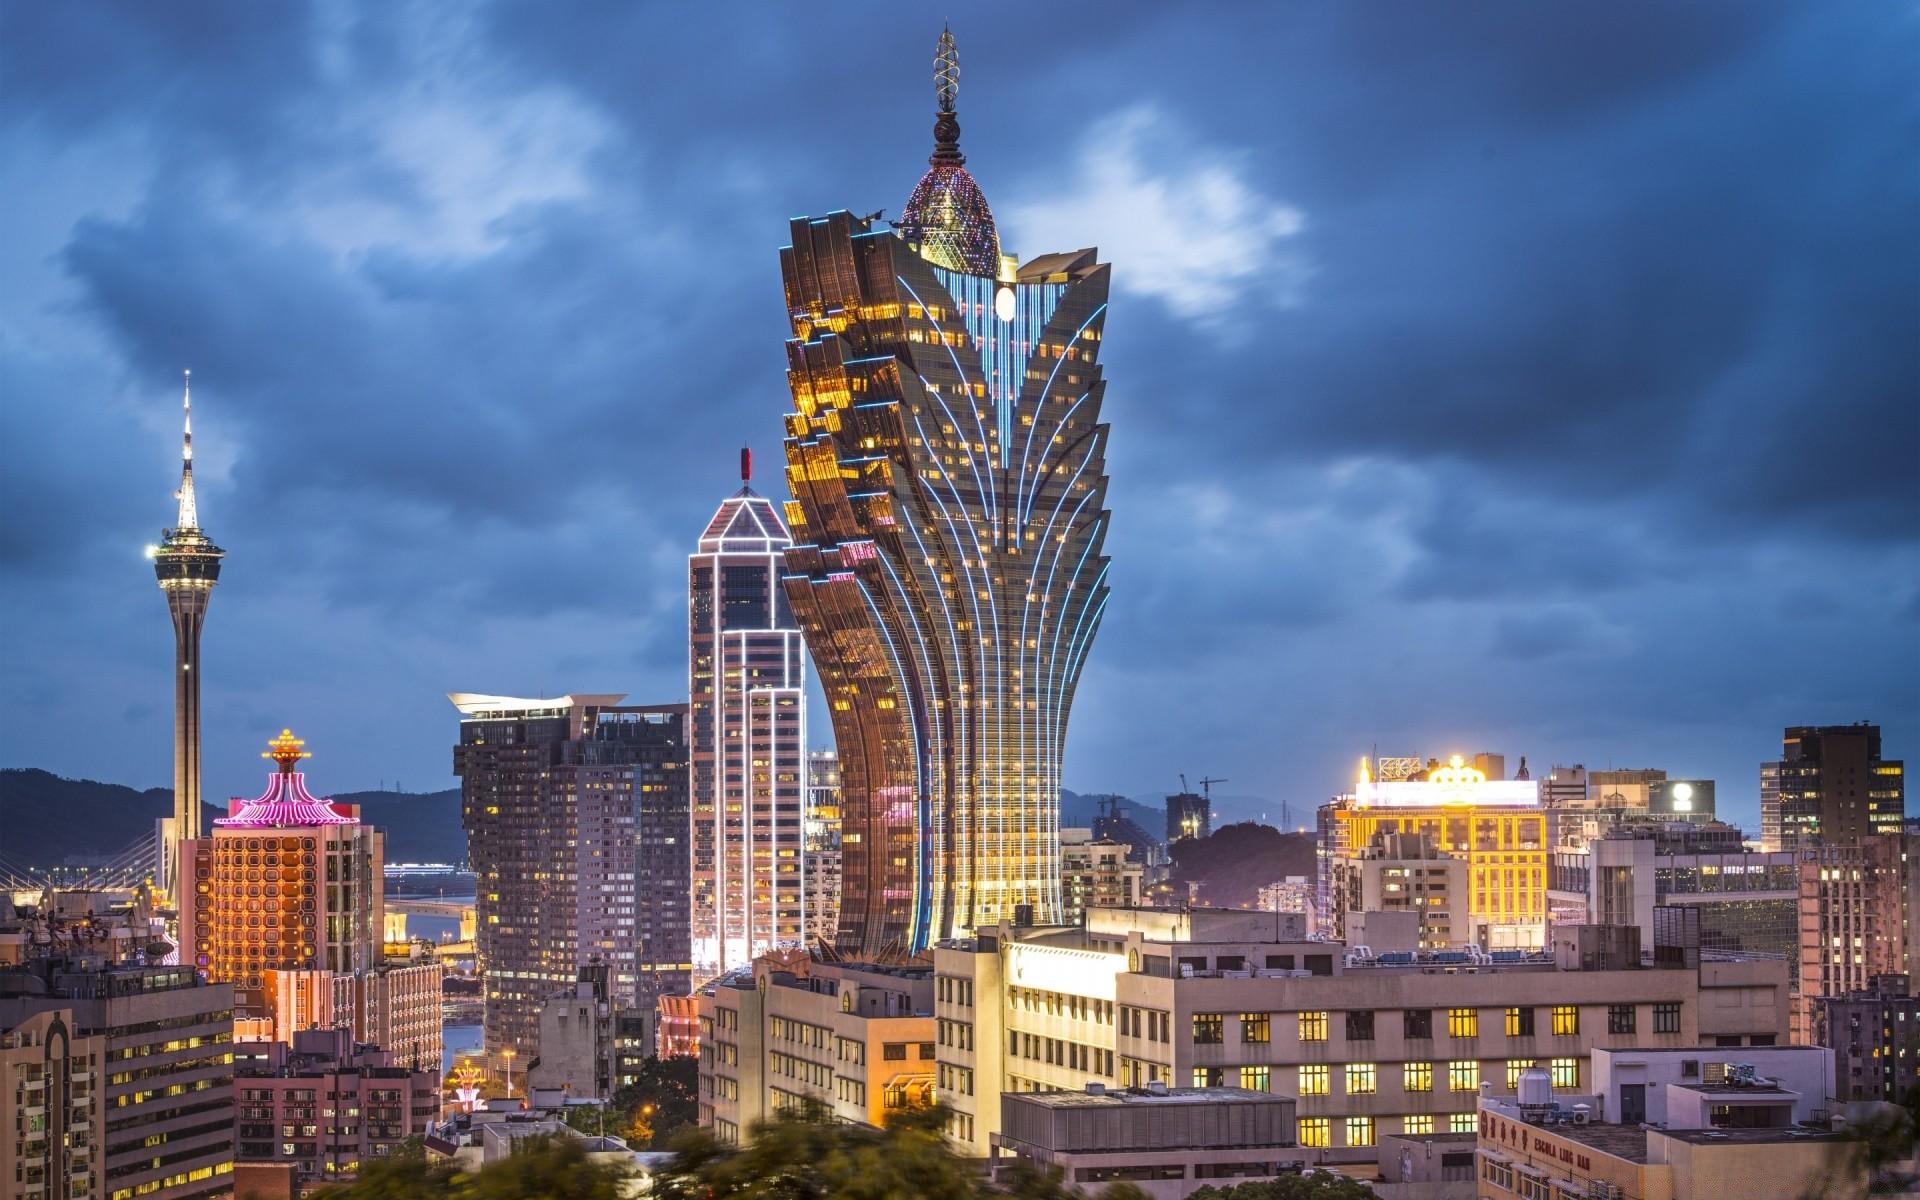 Отель Grand Lisboa Macau - мекка для любителей азарта